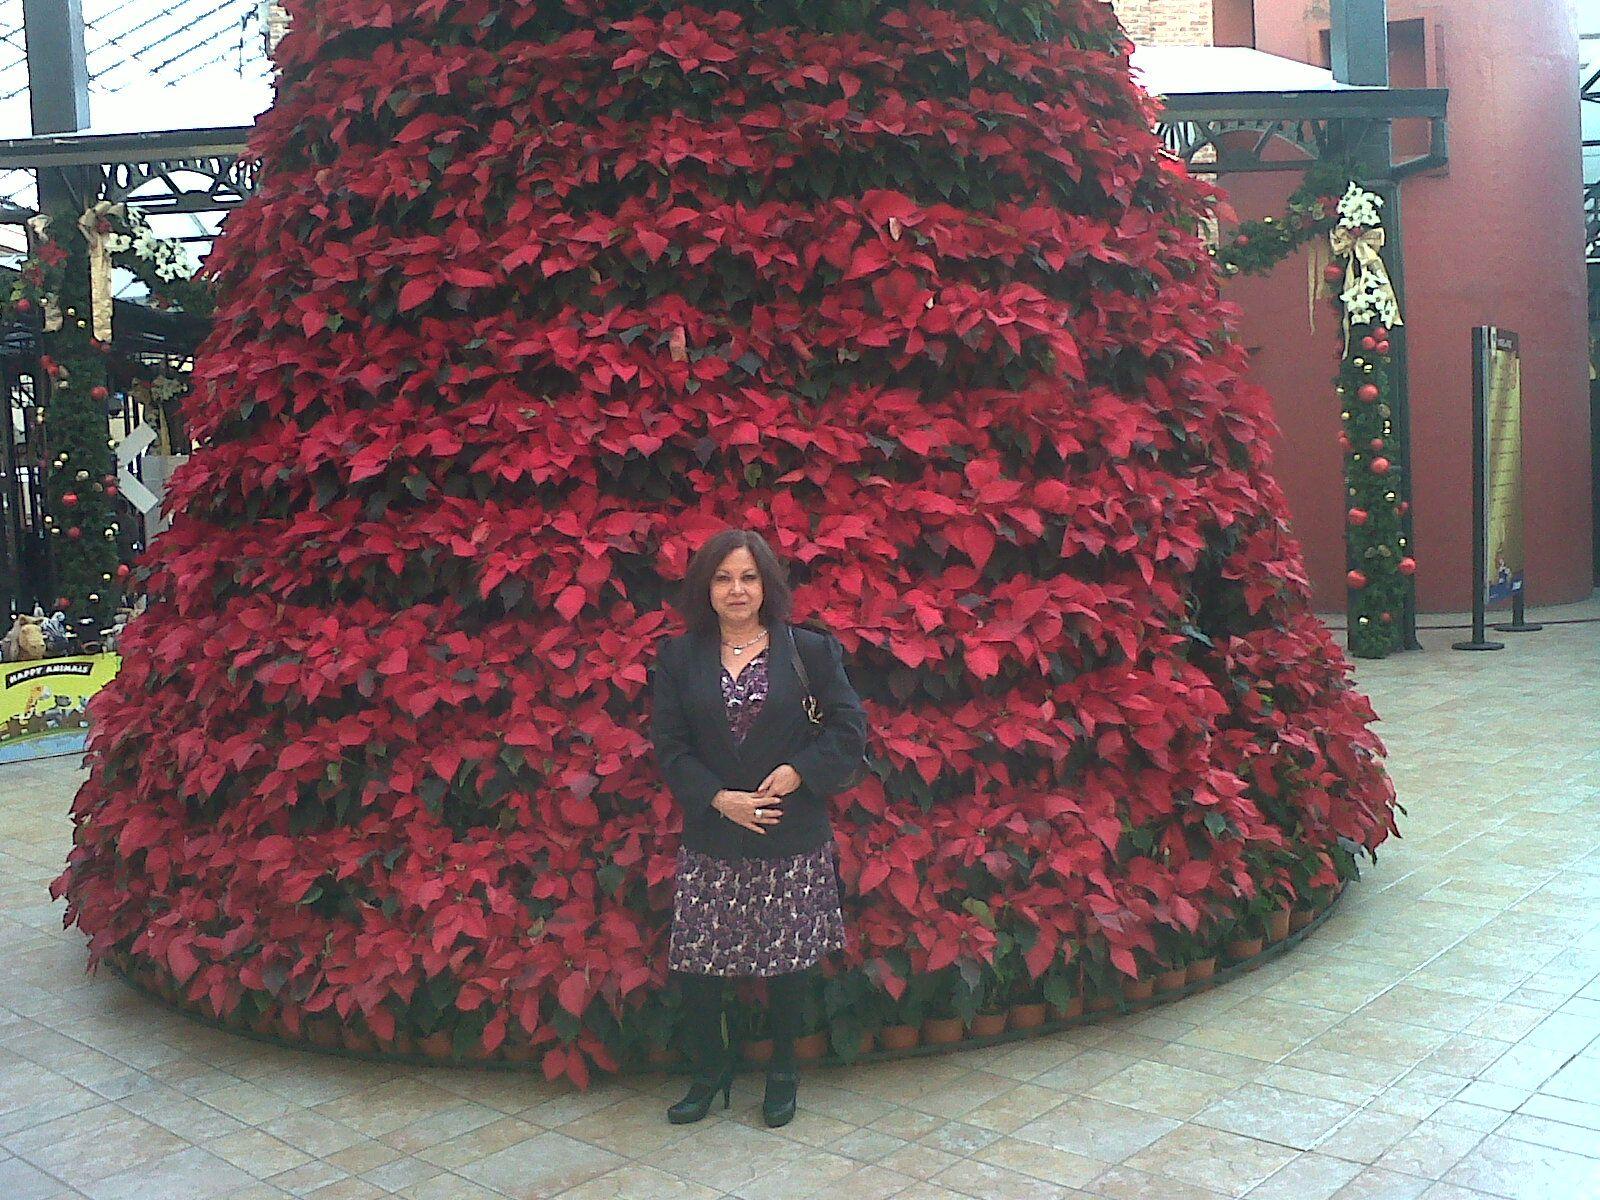 El significado y las leyendas del árbol de navidad en www.jesusmariayjoseenposadas.mex.tl